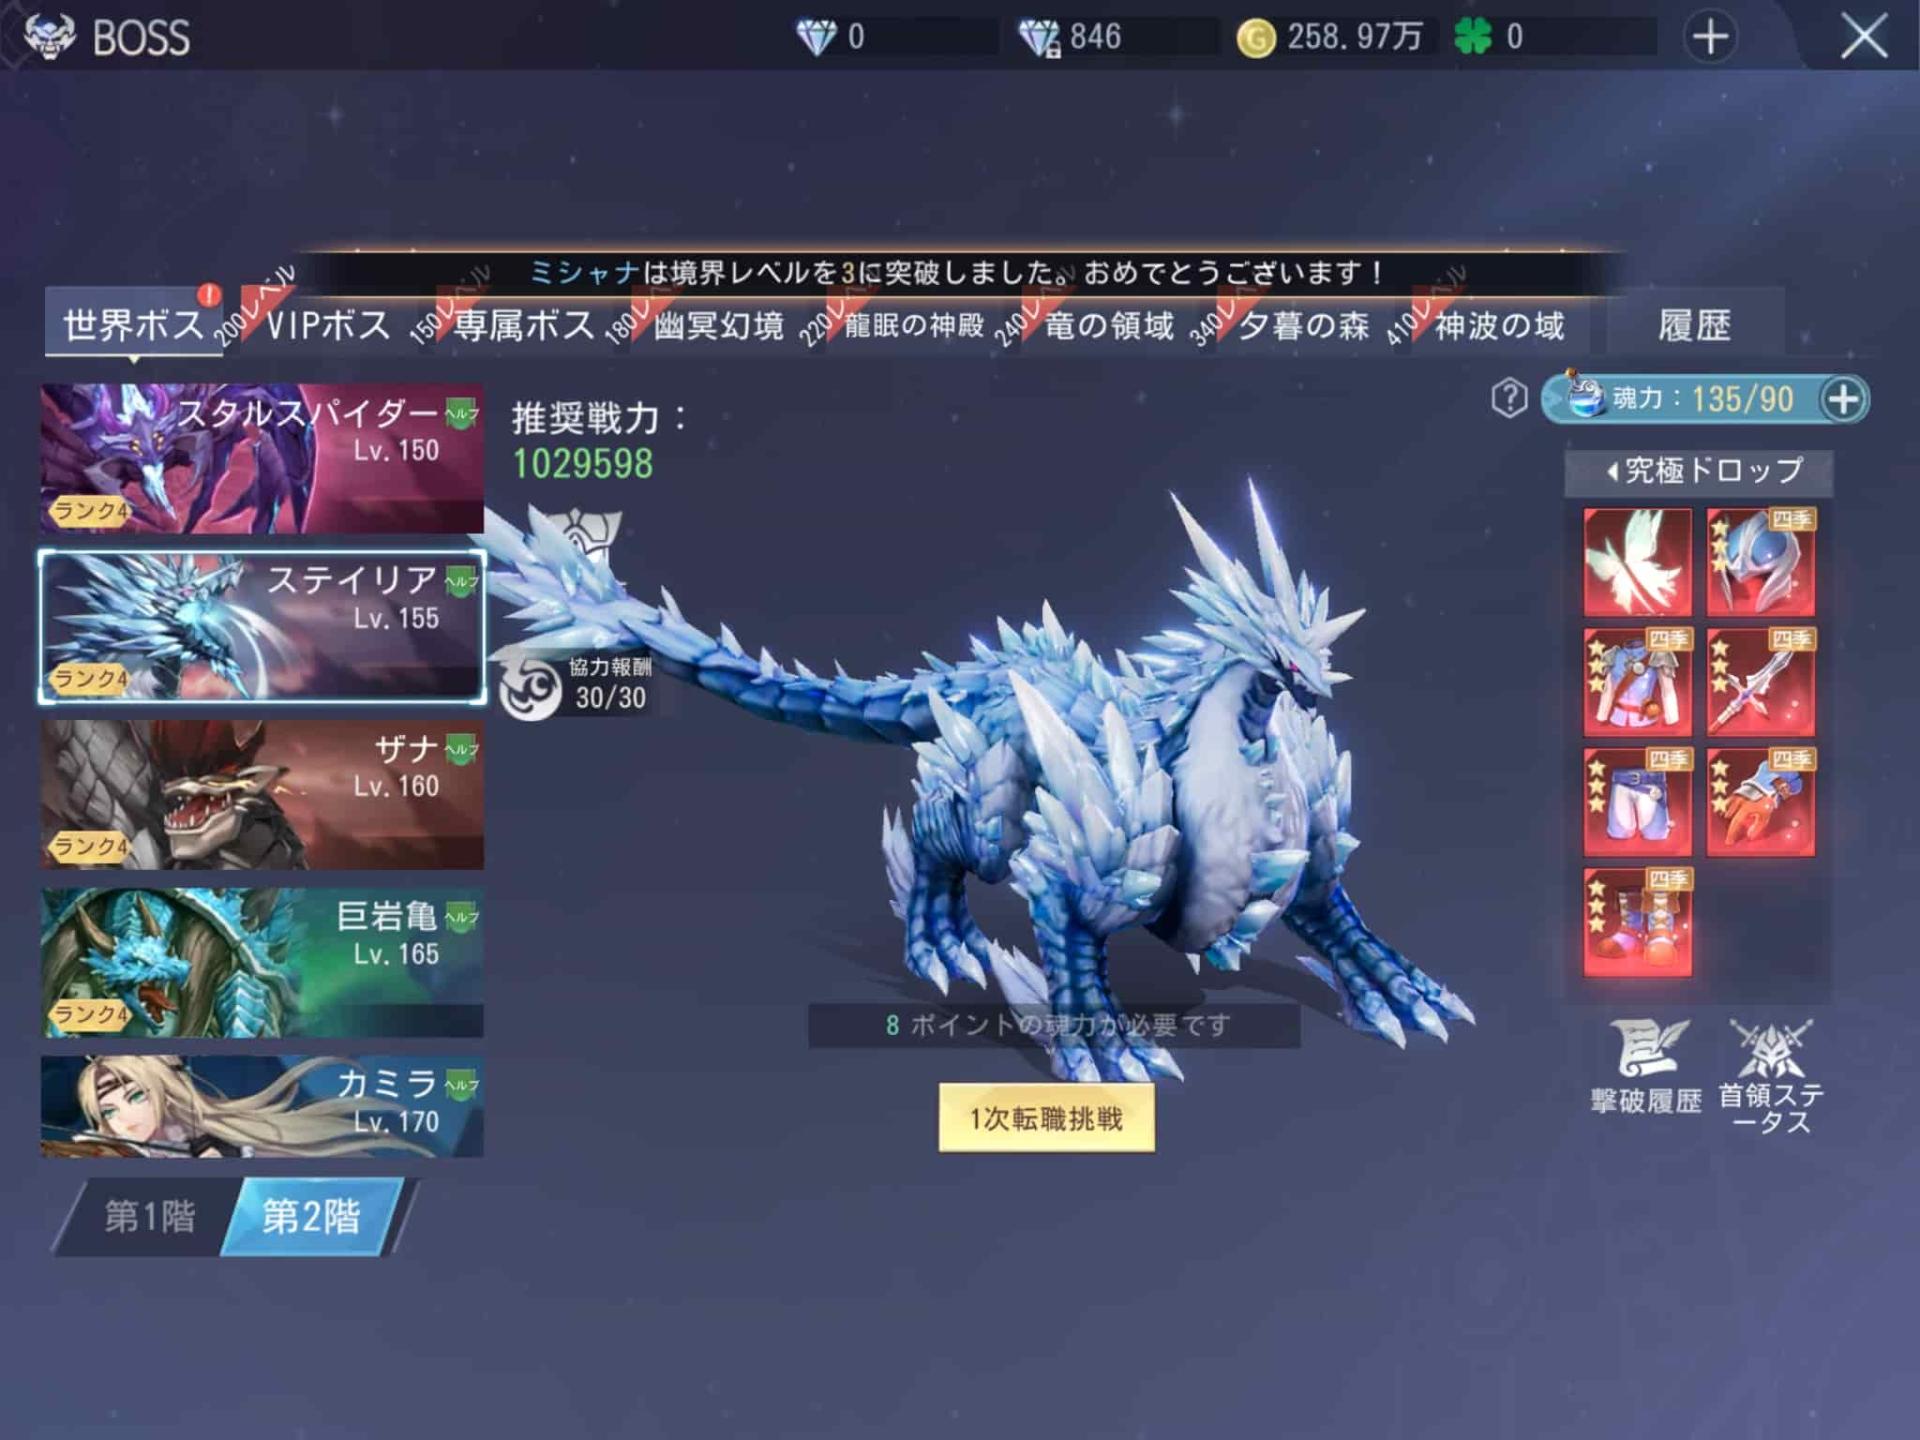 ドラゴンガーディアンの序盤攻略